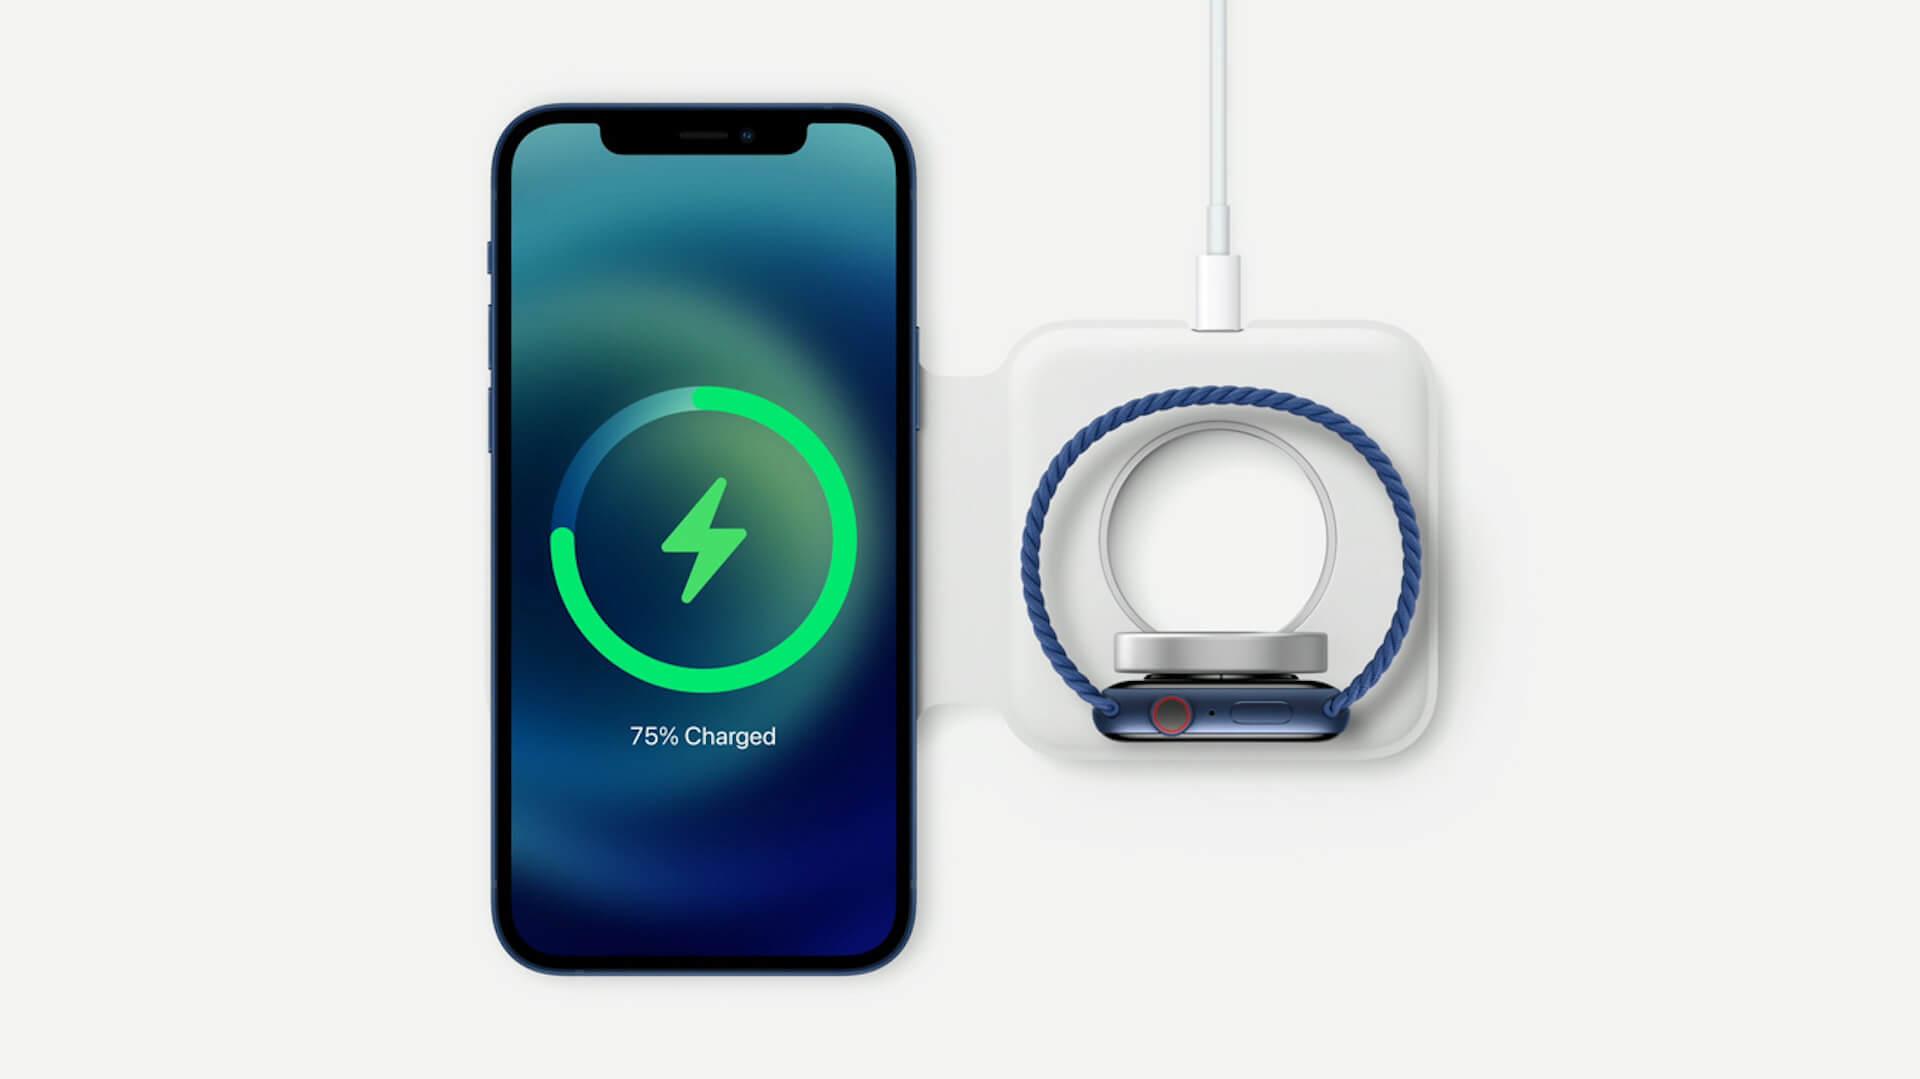 5G対応のiPhone 12シリーズがついに発表!新デザイン、A14 Bionicチップ、MagSafeなど特長をおさらい tech201014_iphone12_2